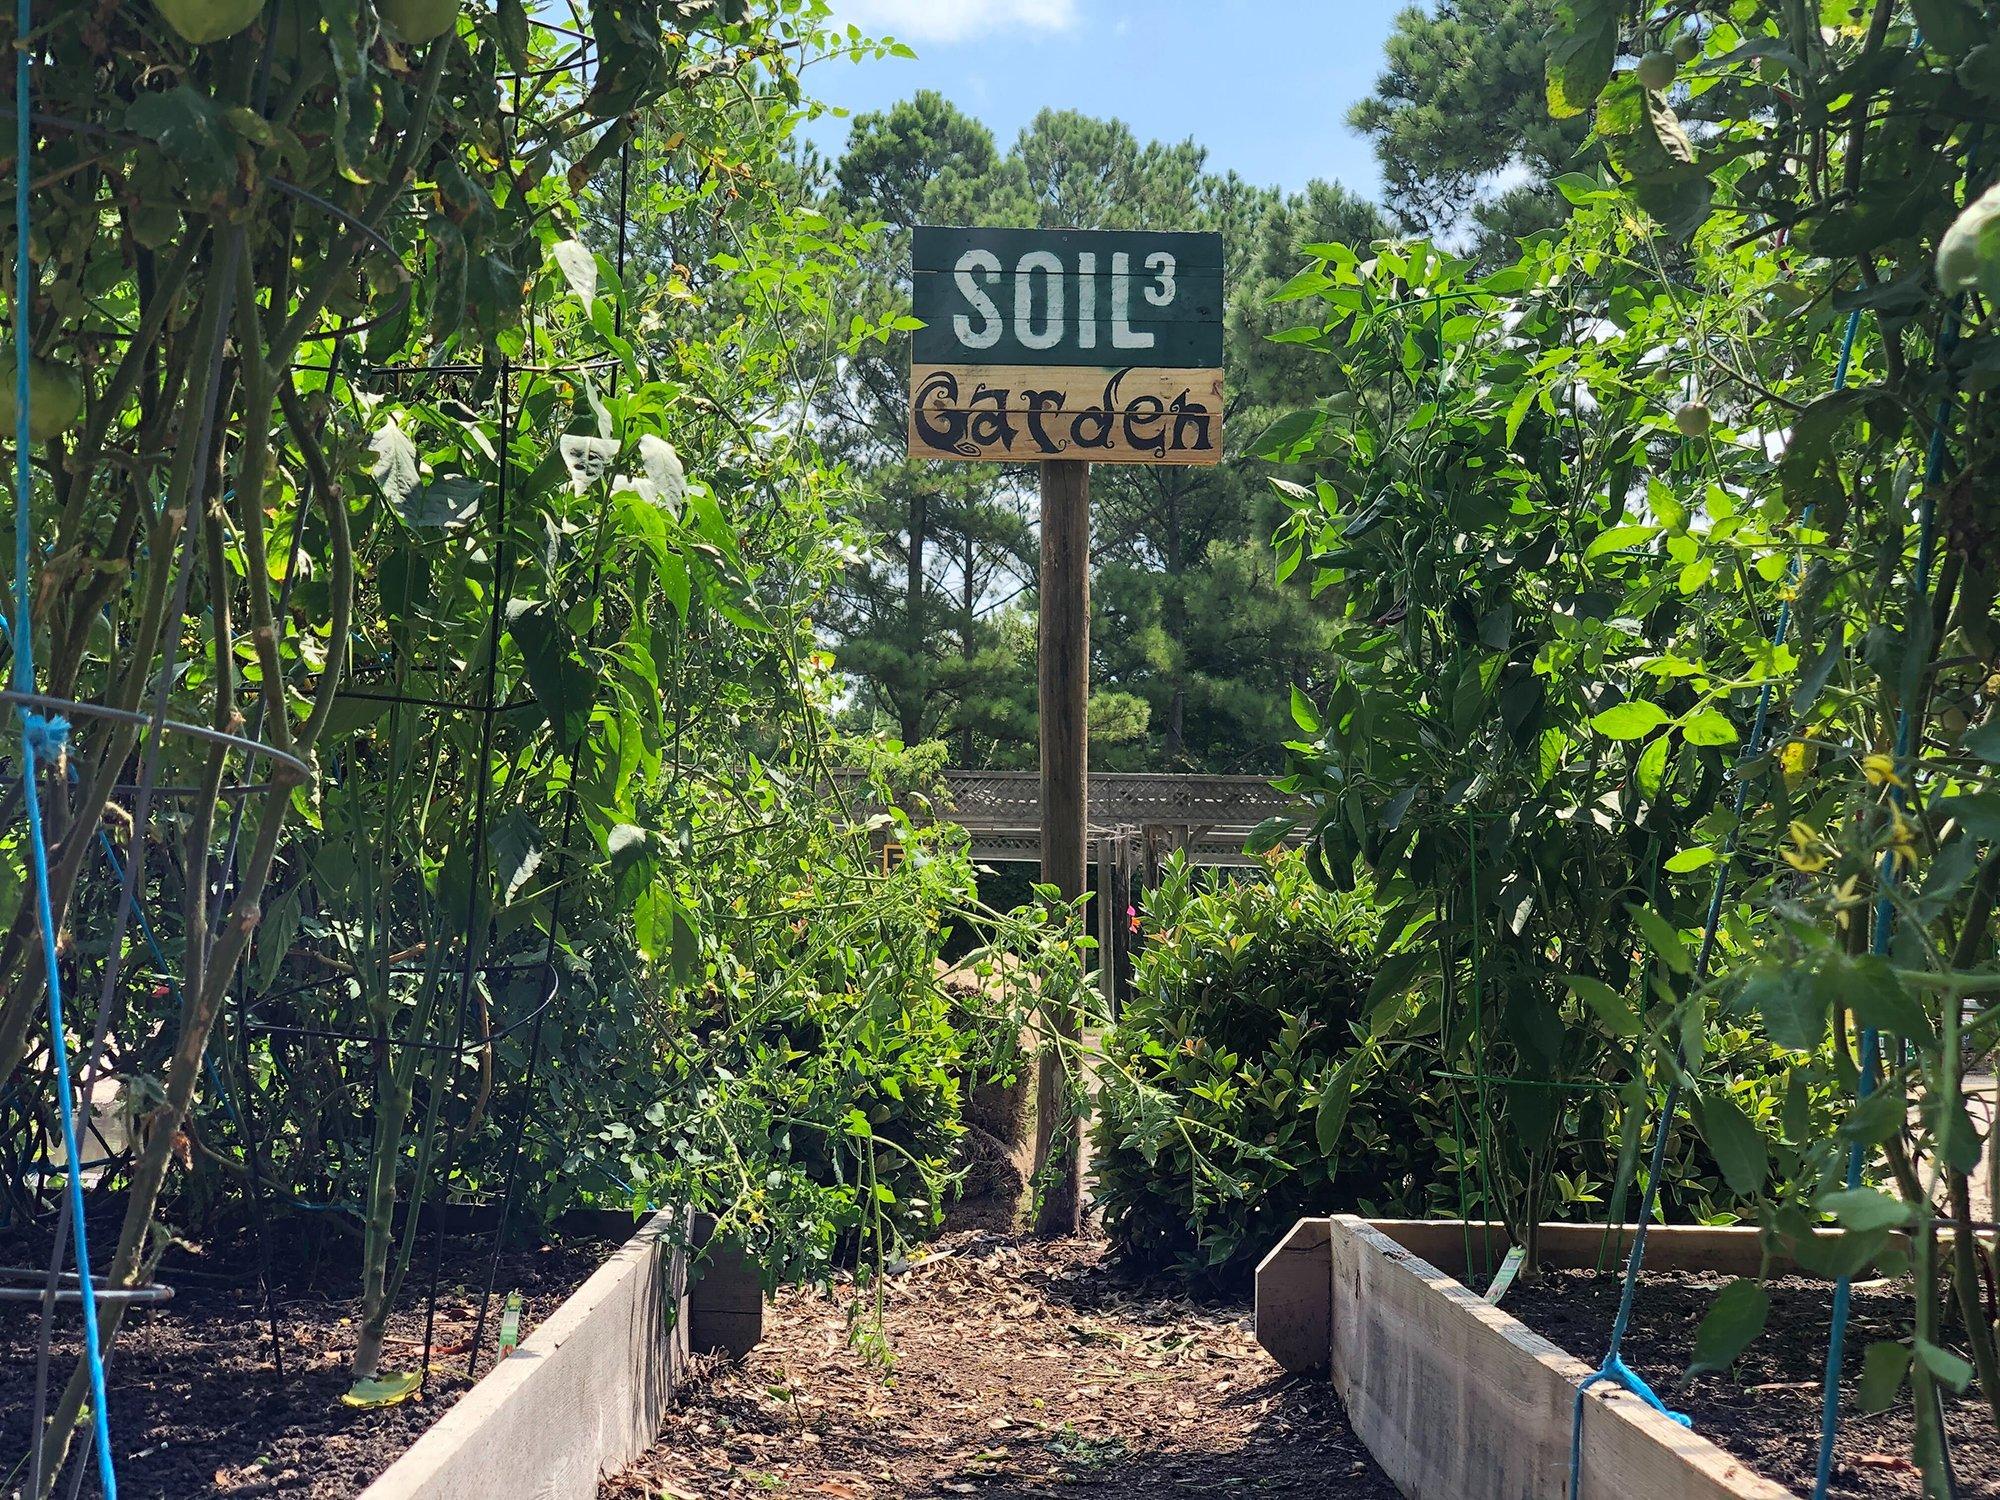 Soil3 Garden2